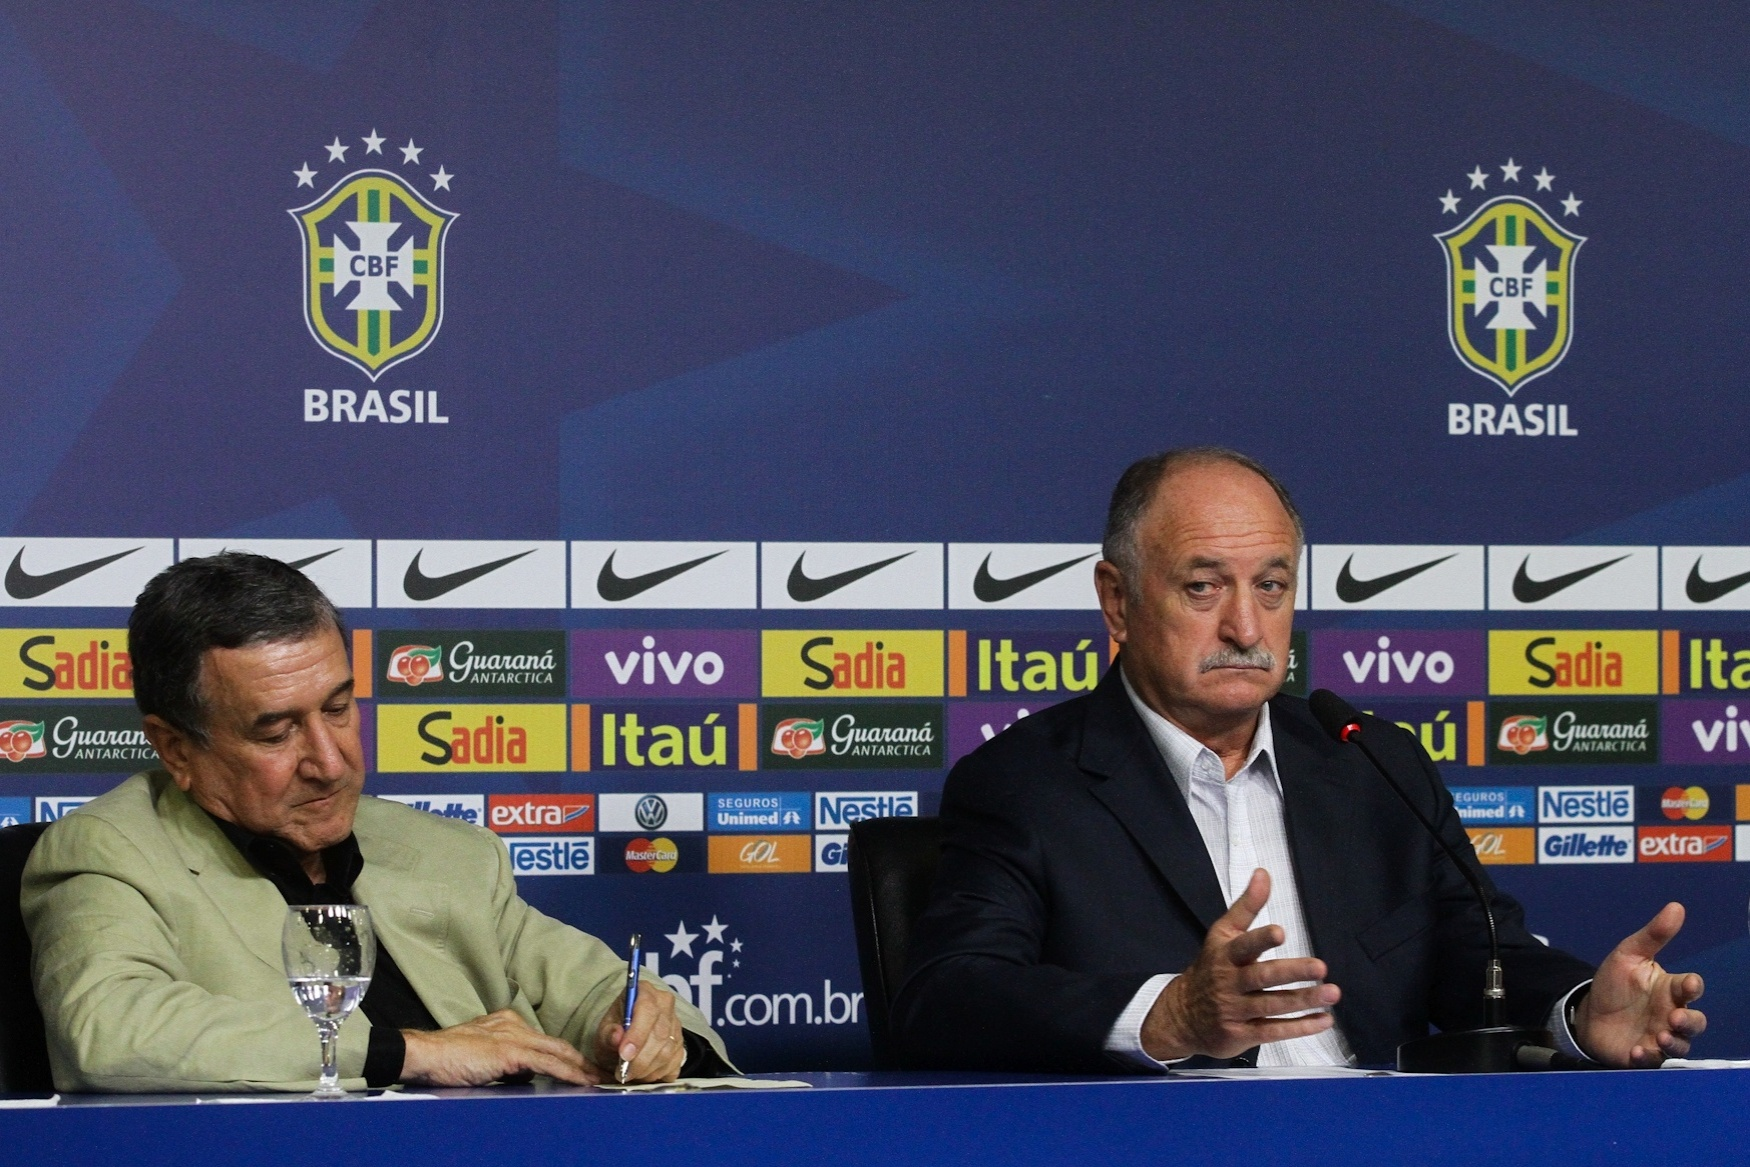 Ao lado de Carlos Alberto Parreira, Luiz Felipe Scolari concedeu entrevista coletiva e divulgou lista de convocados para amistosos da seleção contra Austrália e Portugal